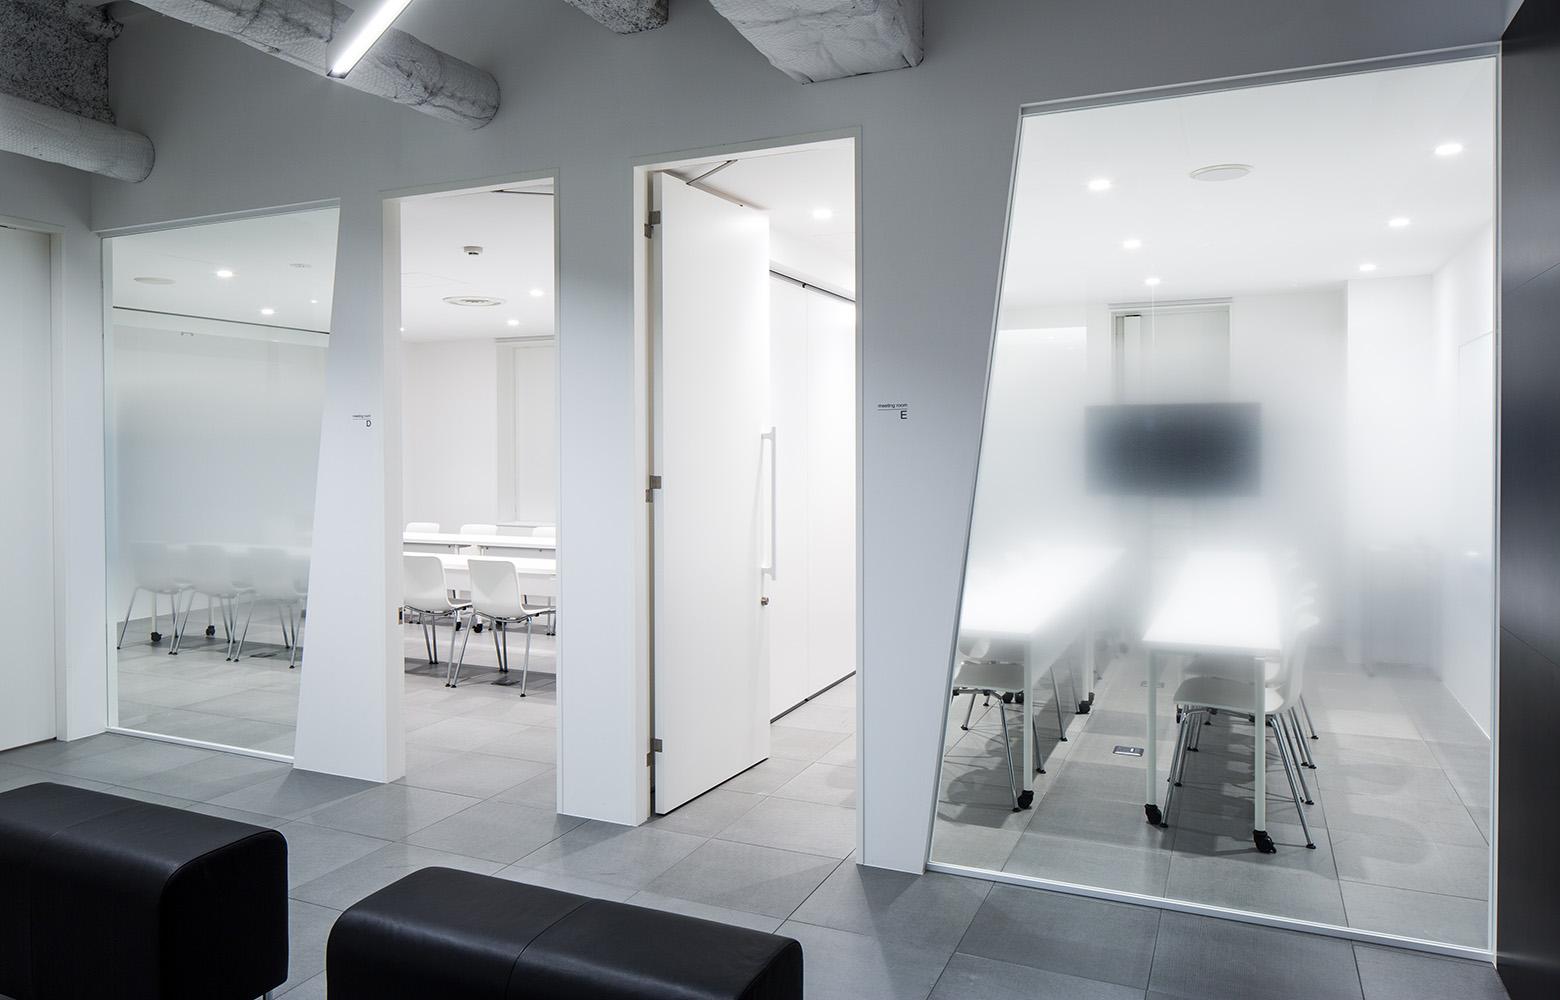 株式会社DECENCIA Meeting Room_2 デザイン・レイアウト事例